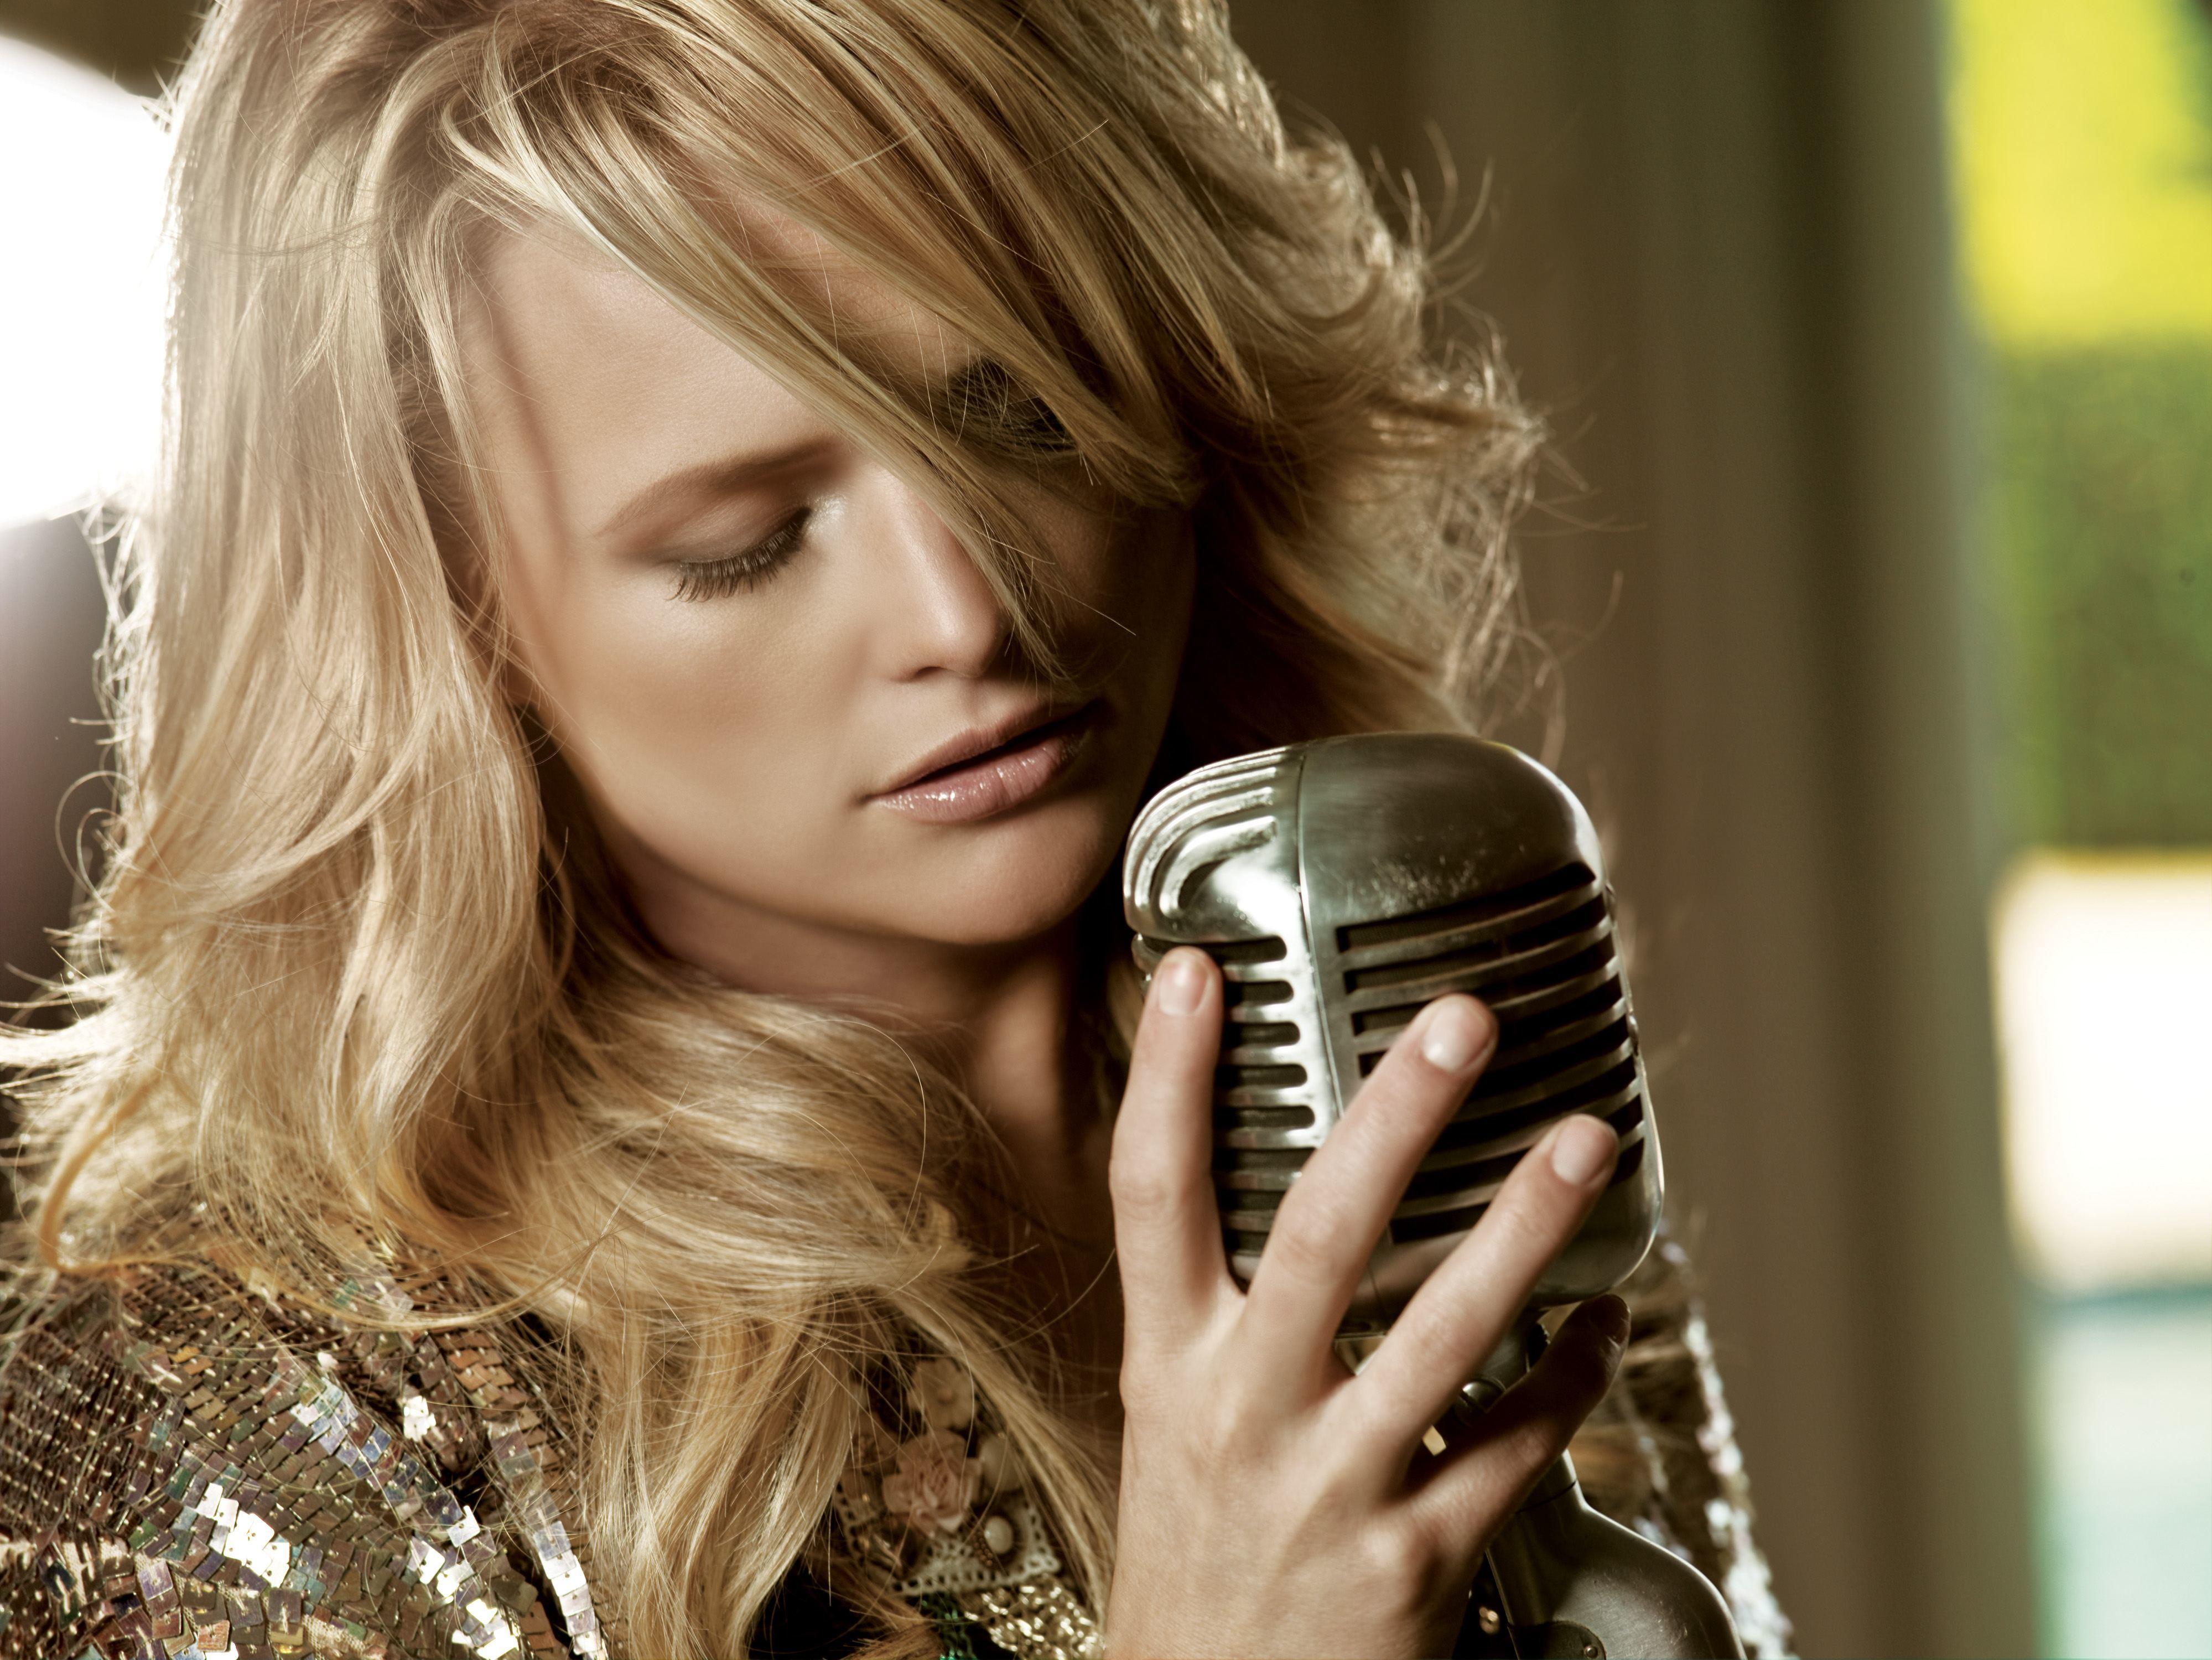 фото певицы с микрофоном